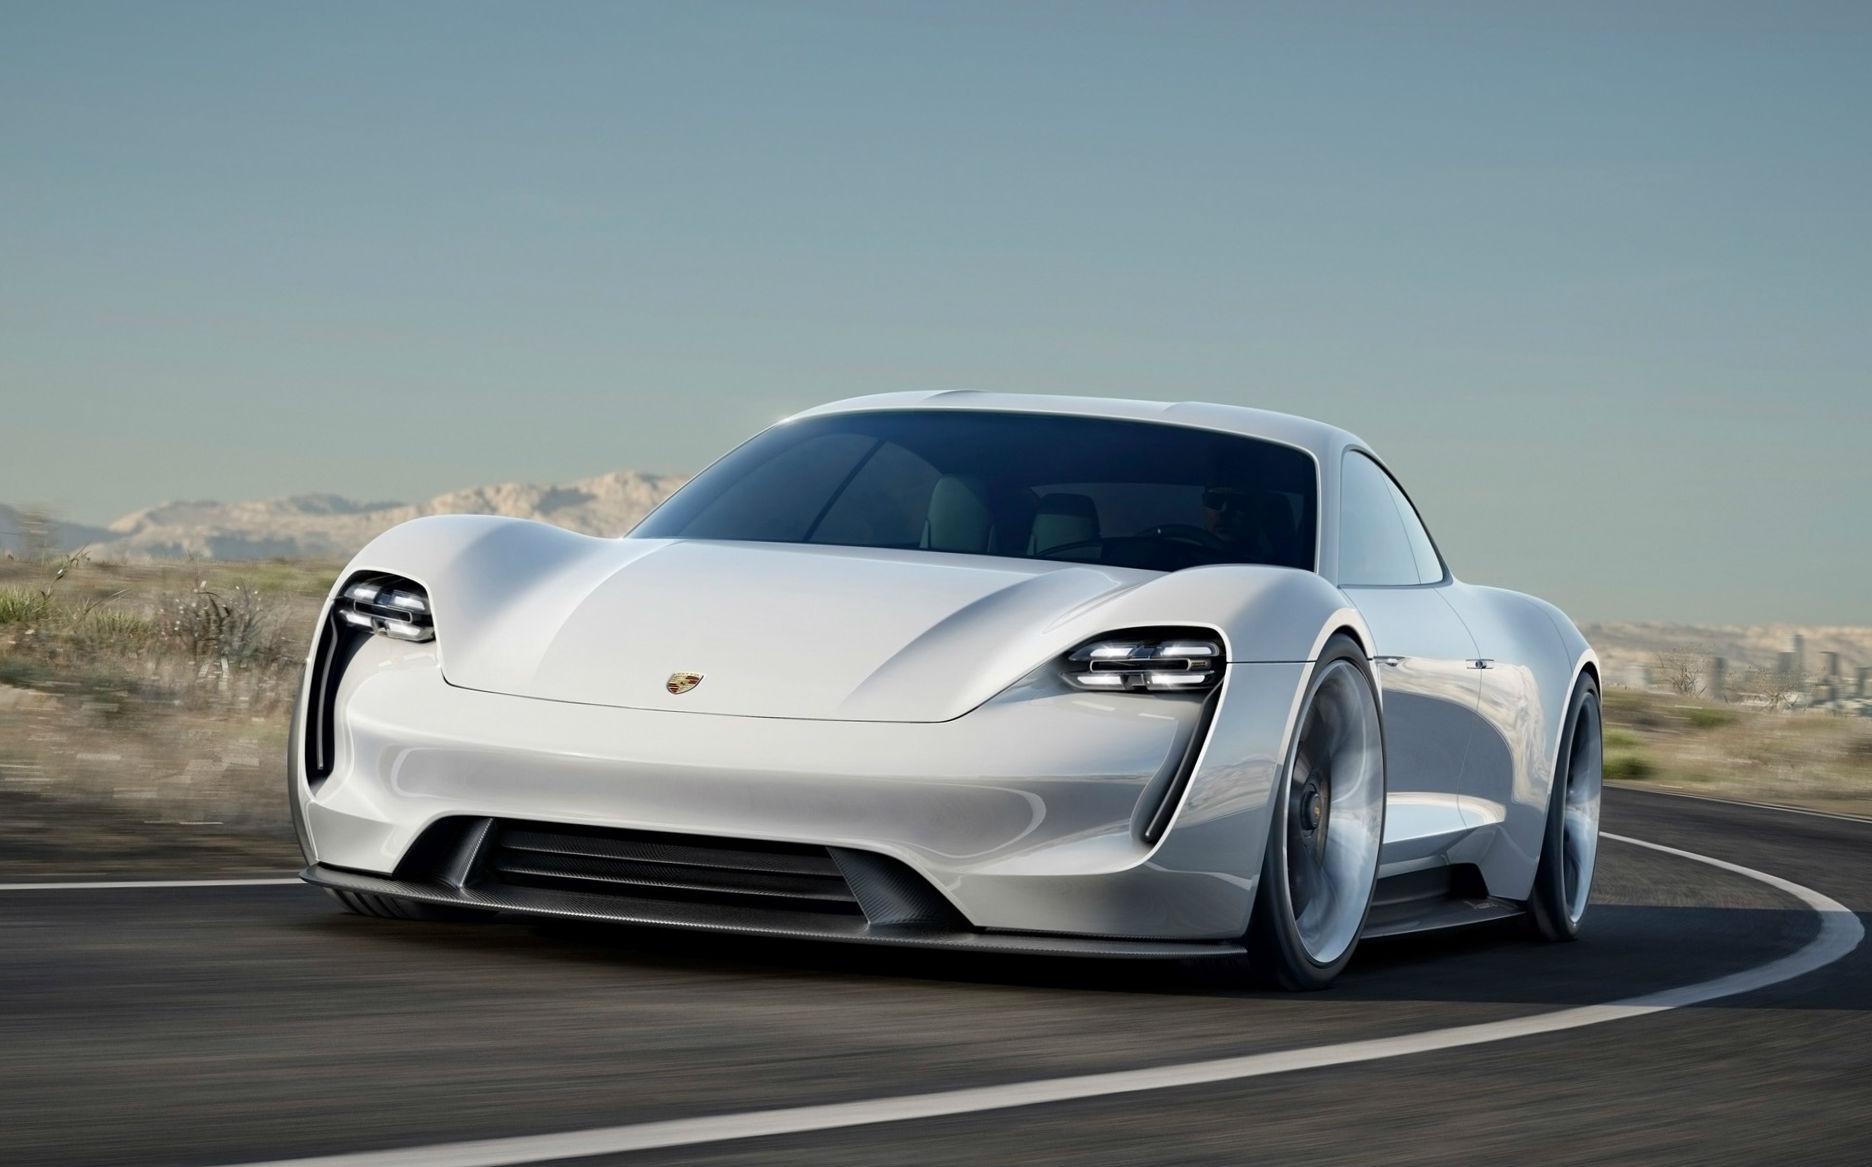 2015-Porsche-Mission-E-Concept-Motion-1-1920x1200